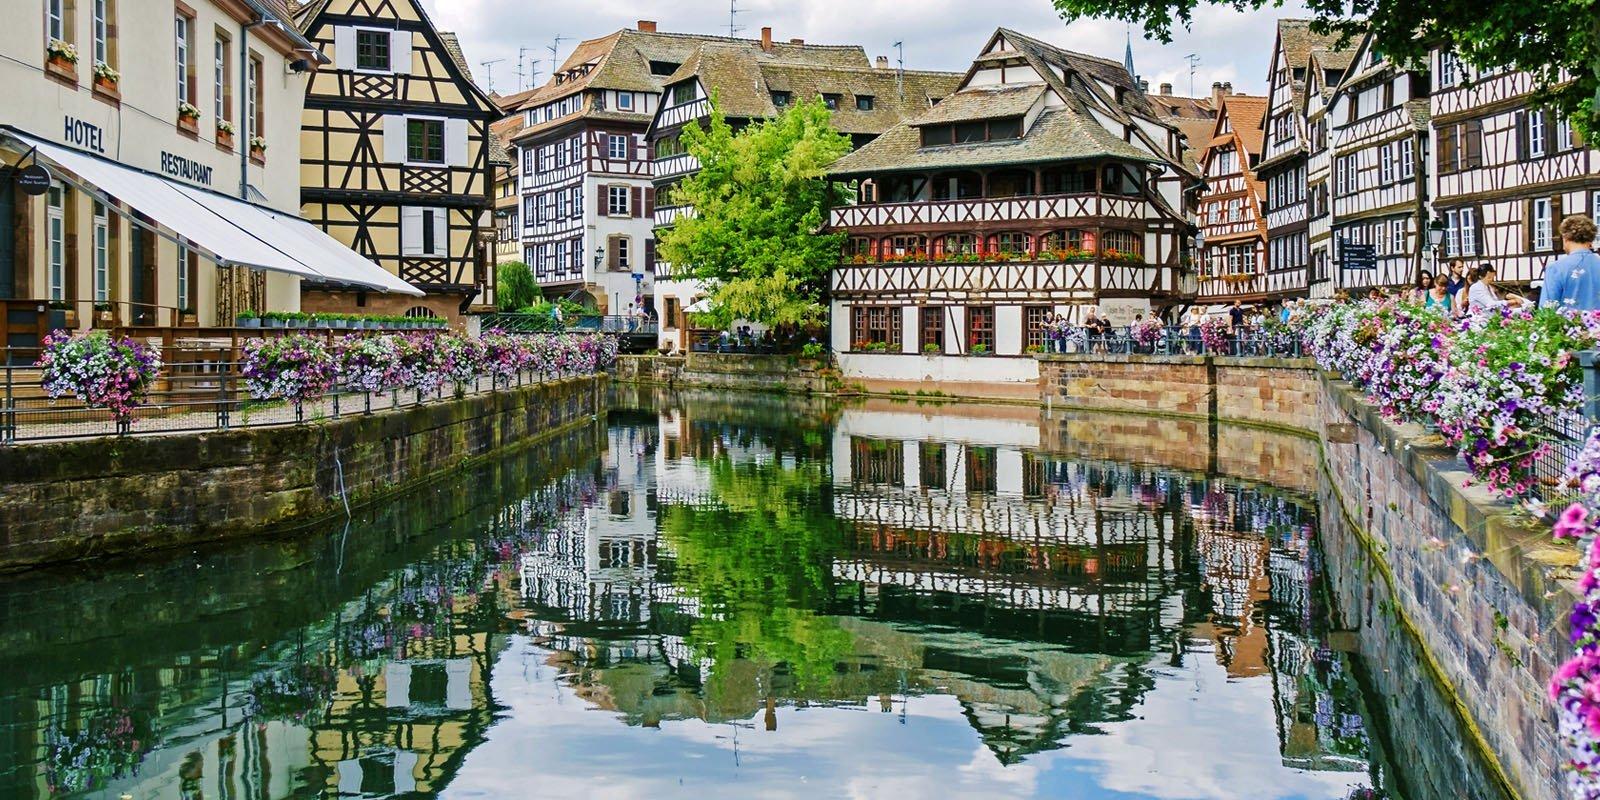 Reisefhrer Straburg: Highlights & Tipps fr eine